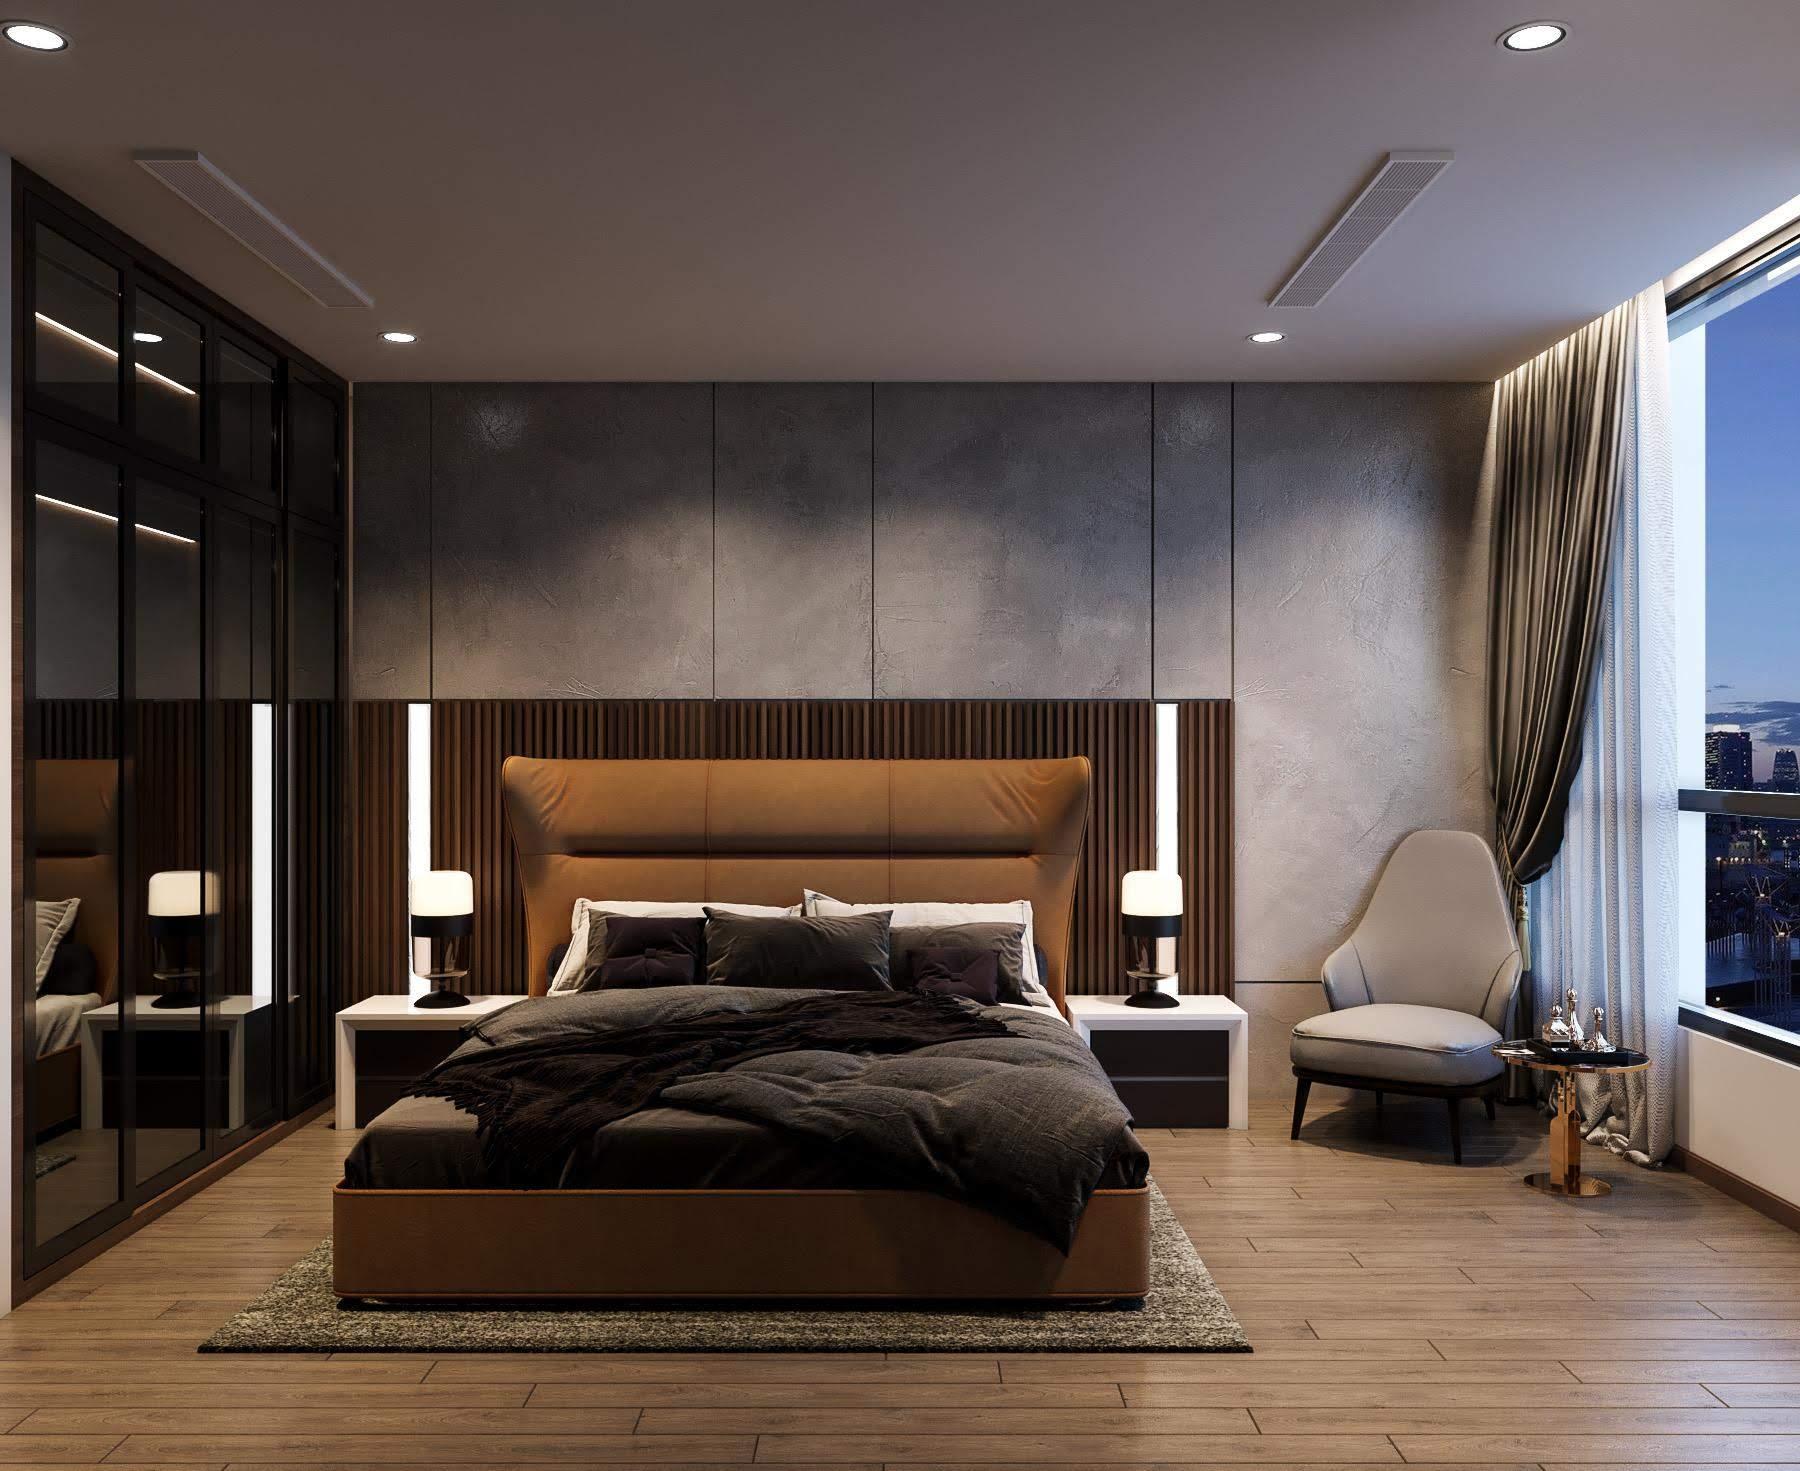 thiết kế nội thất phong cách hiện đại - phòng ngủ nhỏ